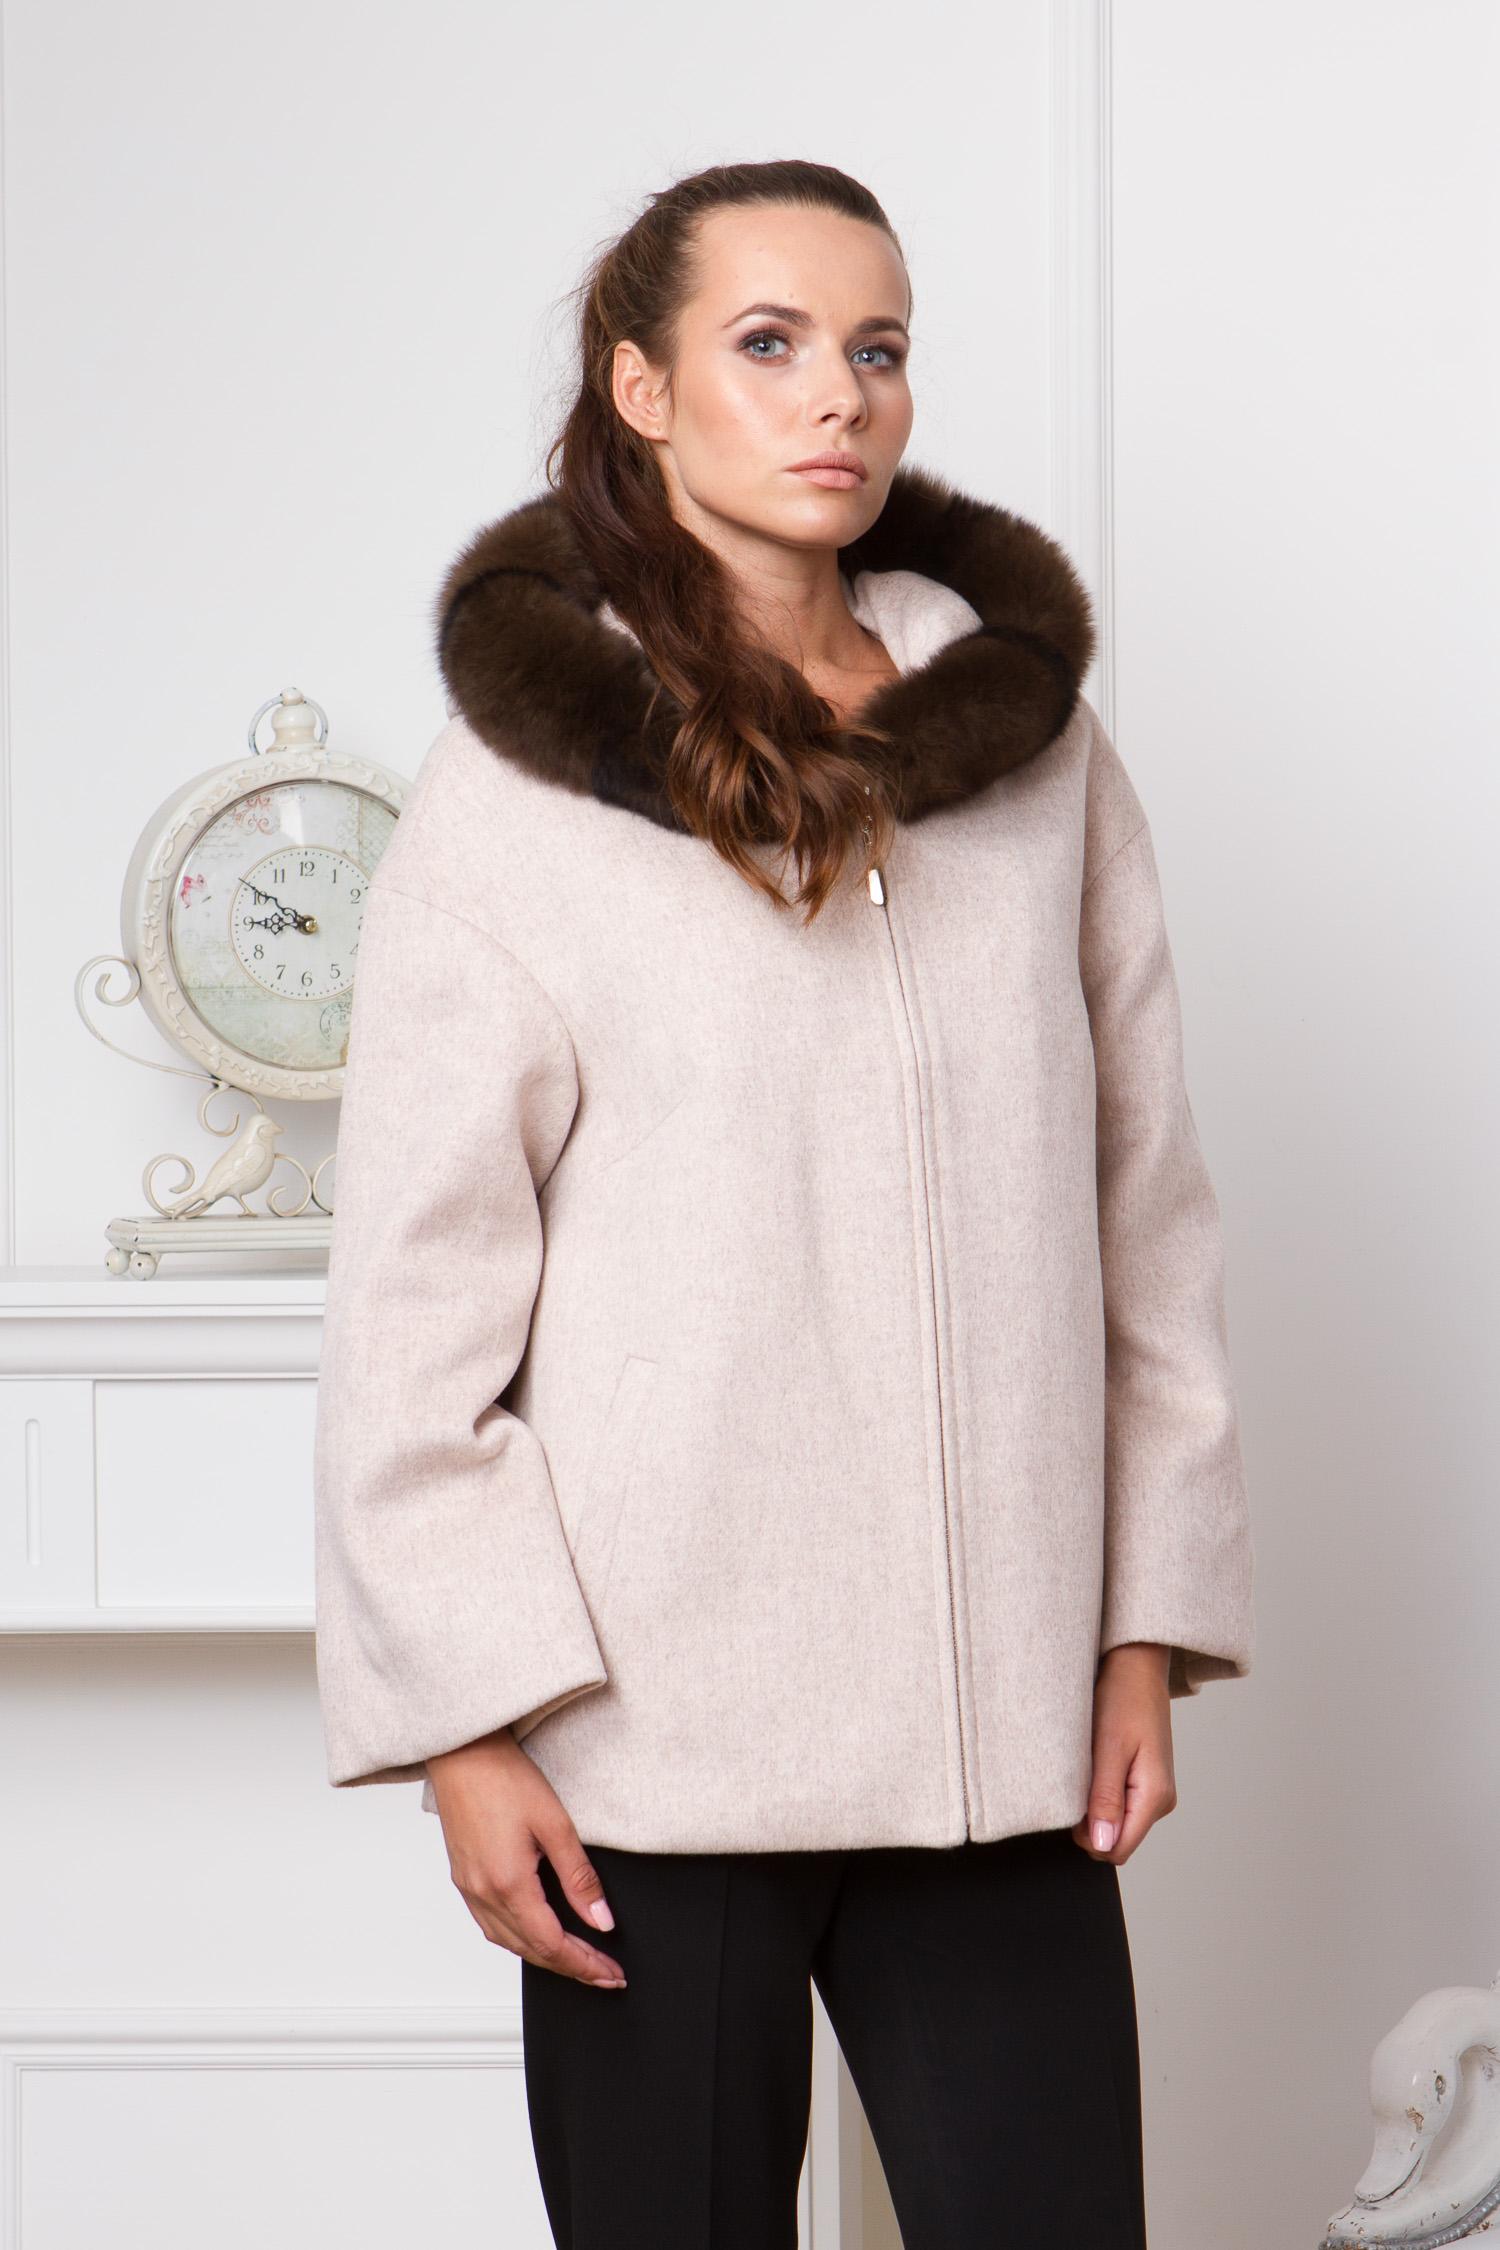 Женское пальто с капюшоном, отделка песец<br><br>Воротник: капюшон<br>Длина см: Короткая (51-74 )<br>Материал: Текстиль<br>Цвет: бежевый<br>Вид застежки: центральная<br>Застежка: на молнии<br>Пол: Женский<br>Размер RU: 48